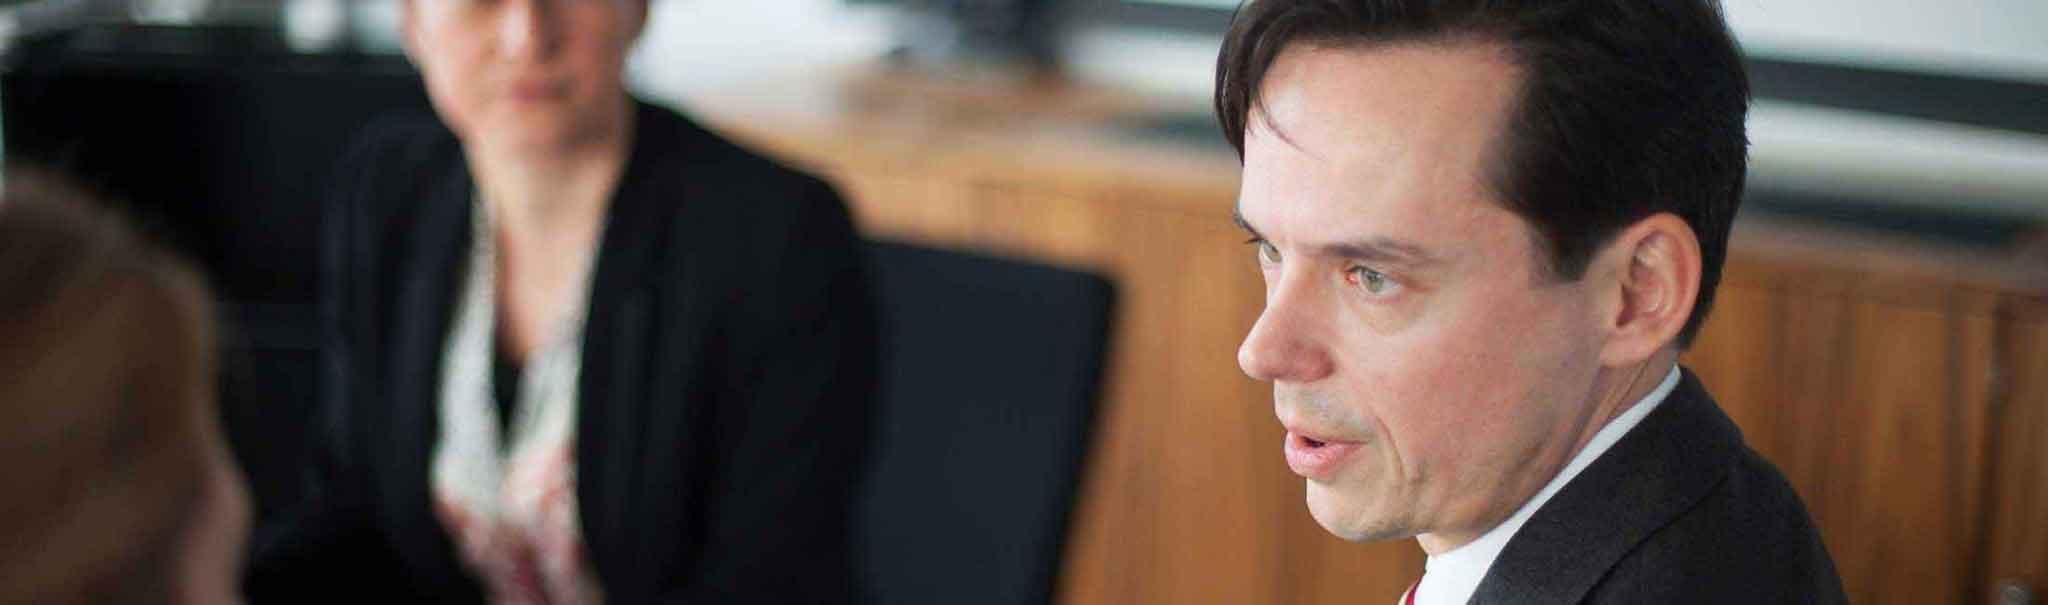 Rechtsanwalt Malte Oehlschläger, Fachanwalt für Medizinrecht